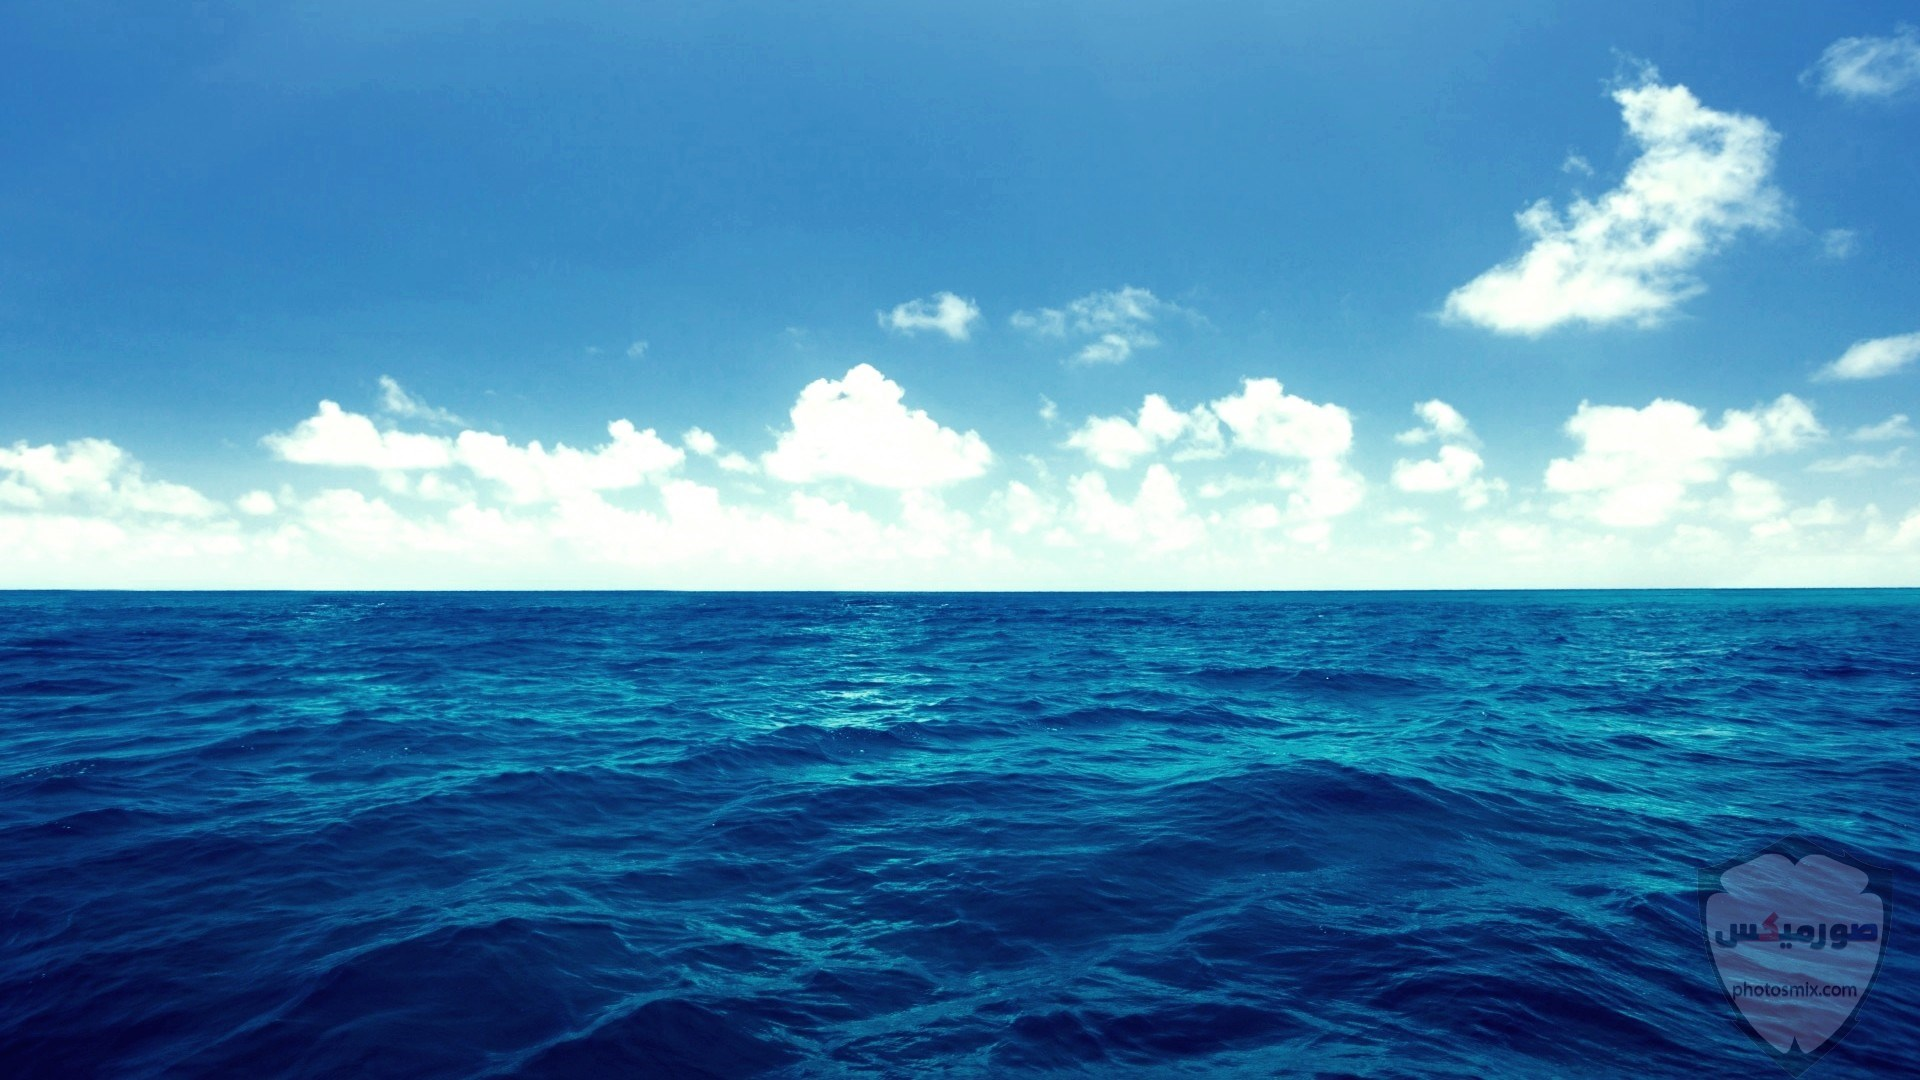 صور بحر وشواطئ HD اجمل خلفيات بحار وشواطئ في العالم 10